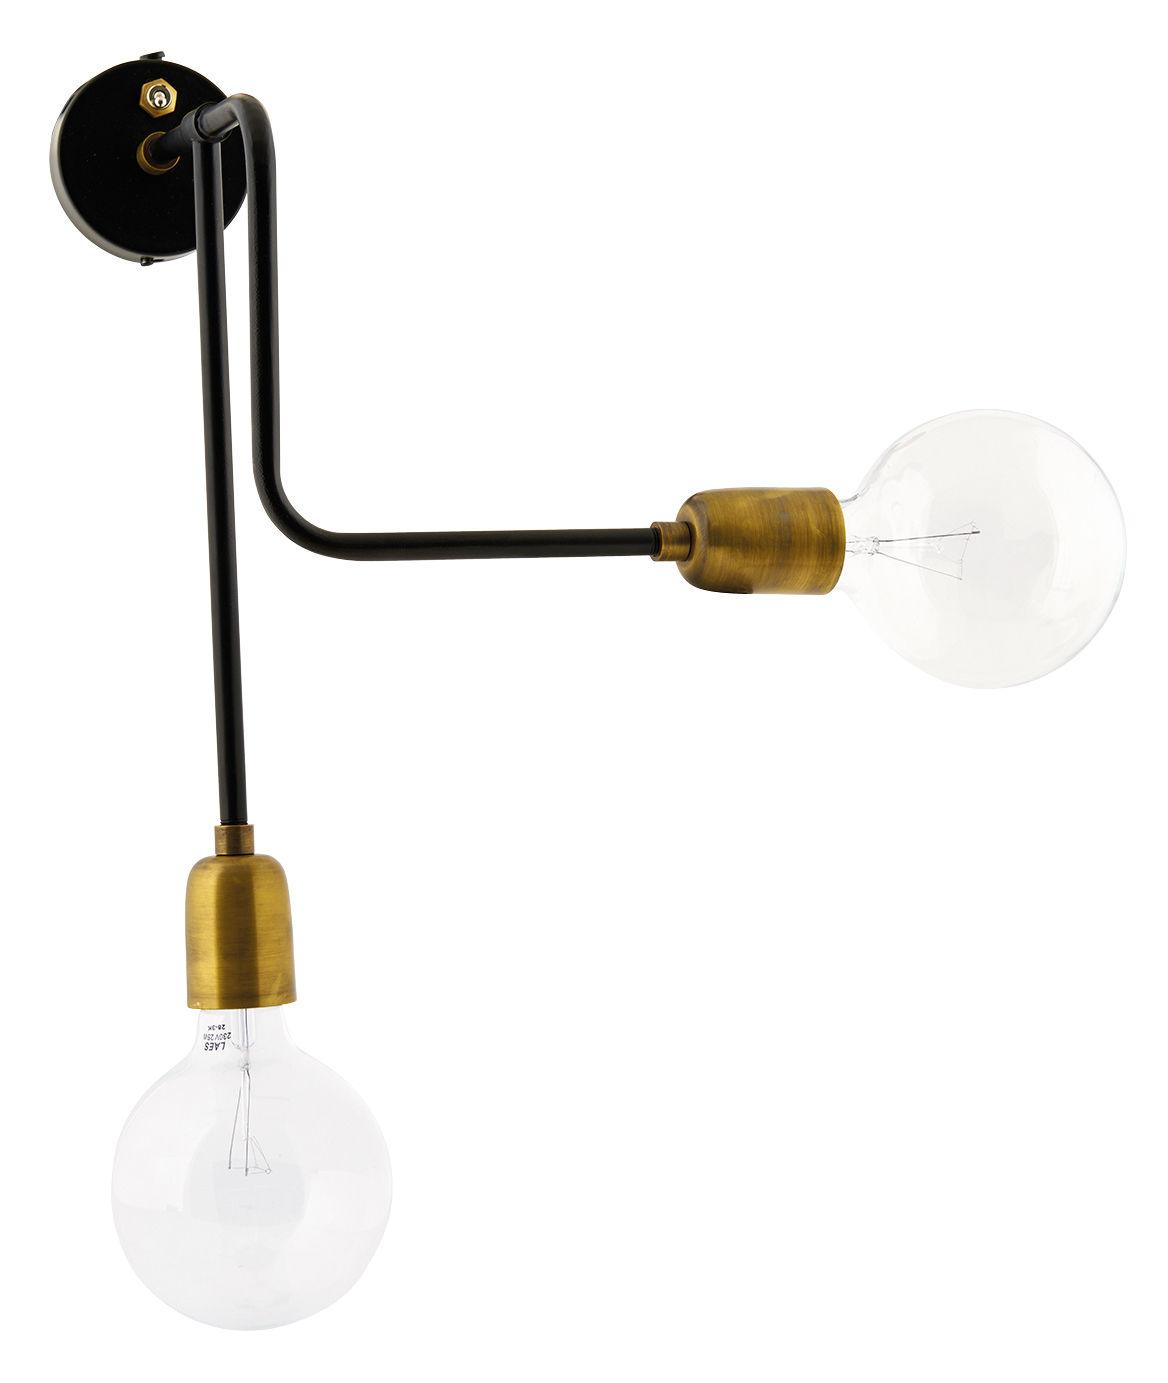 Illuminazione - Lampade da parete - Applique Molecular / Collegamento - House Doctor - Srutttura nera / Portalampade ottone - Ferro laccato, Ottone spazzolato